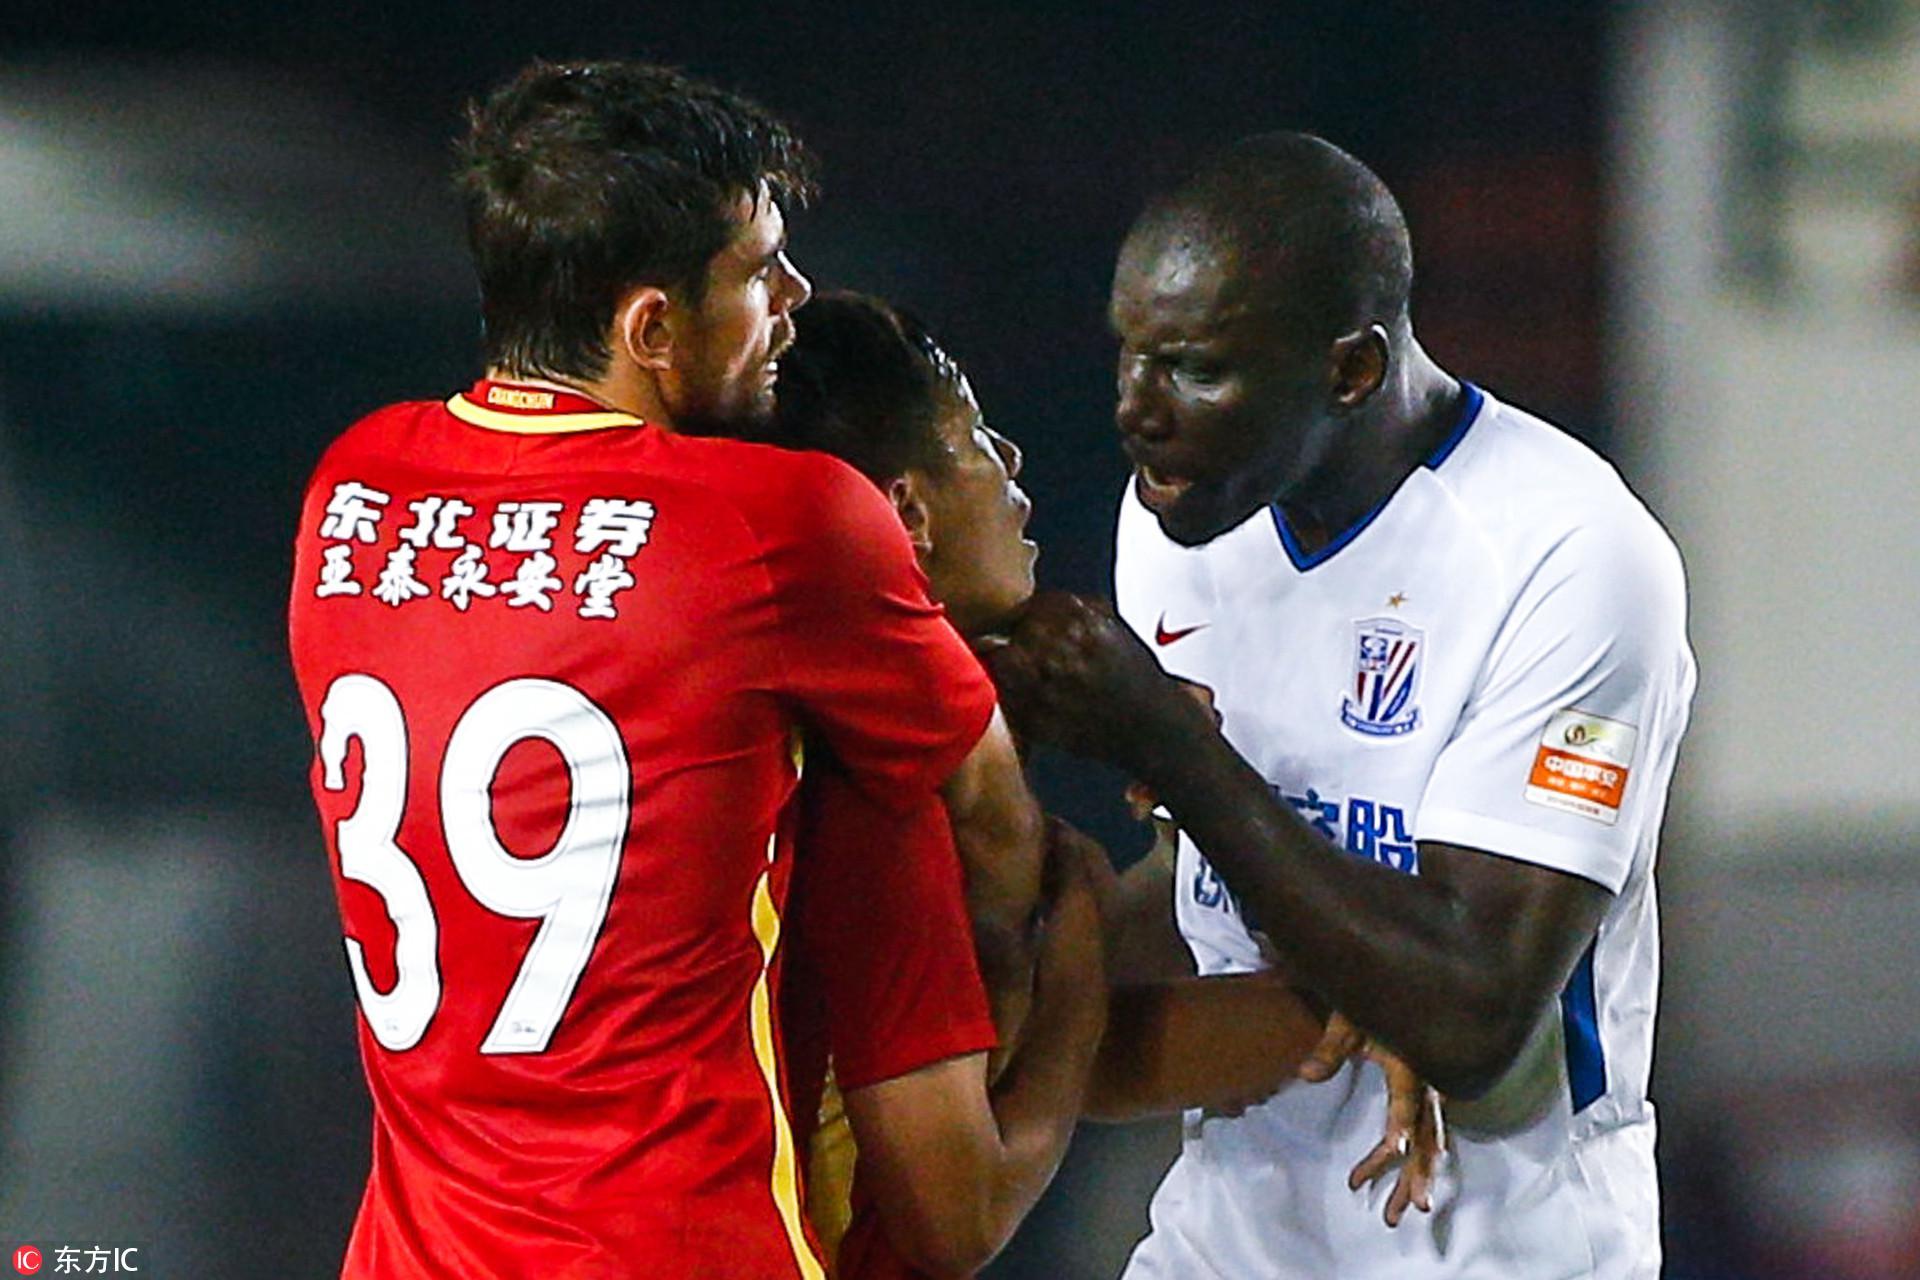 不止黑人被歧视!郑智被英球迷比作恶魔,这事为何屡禁不止?